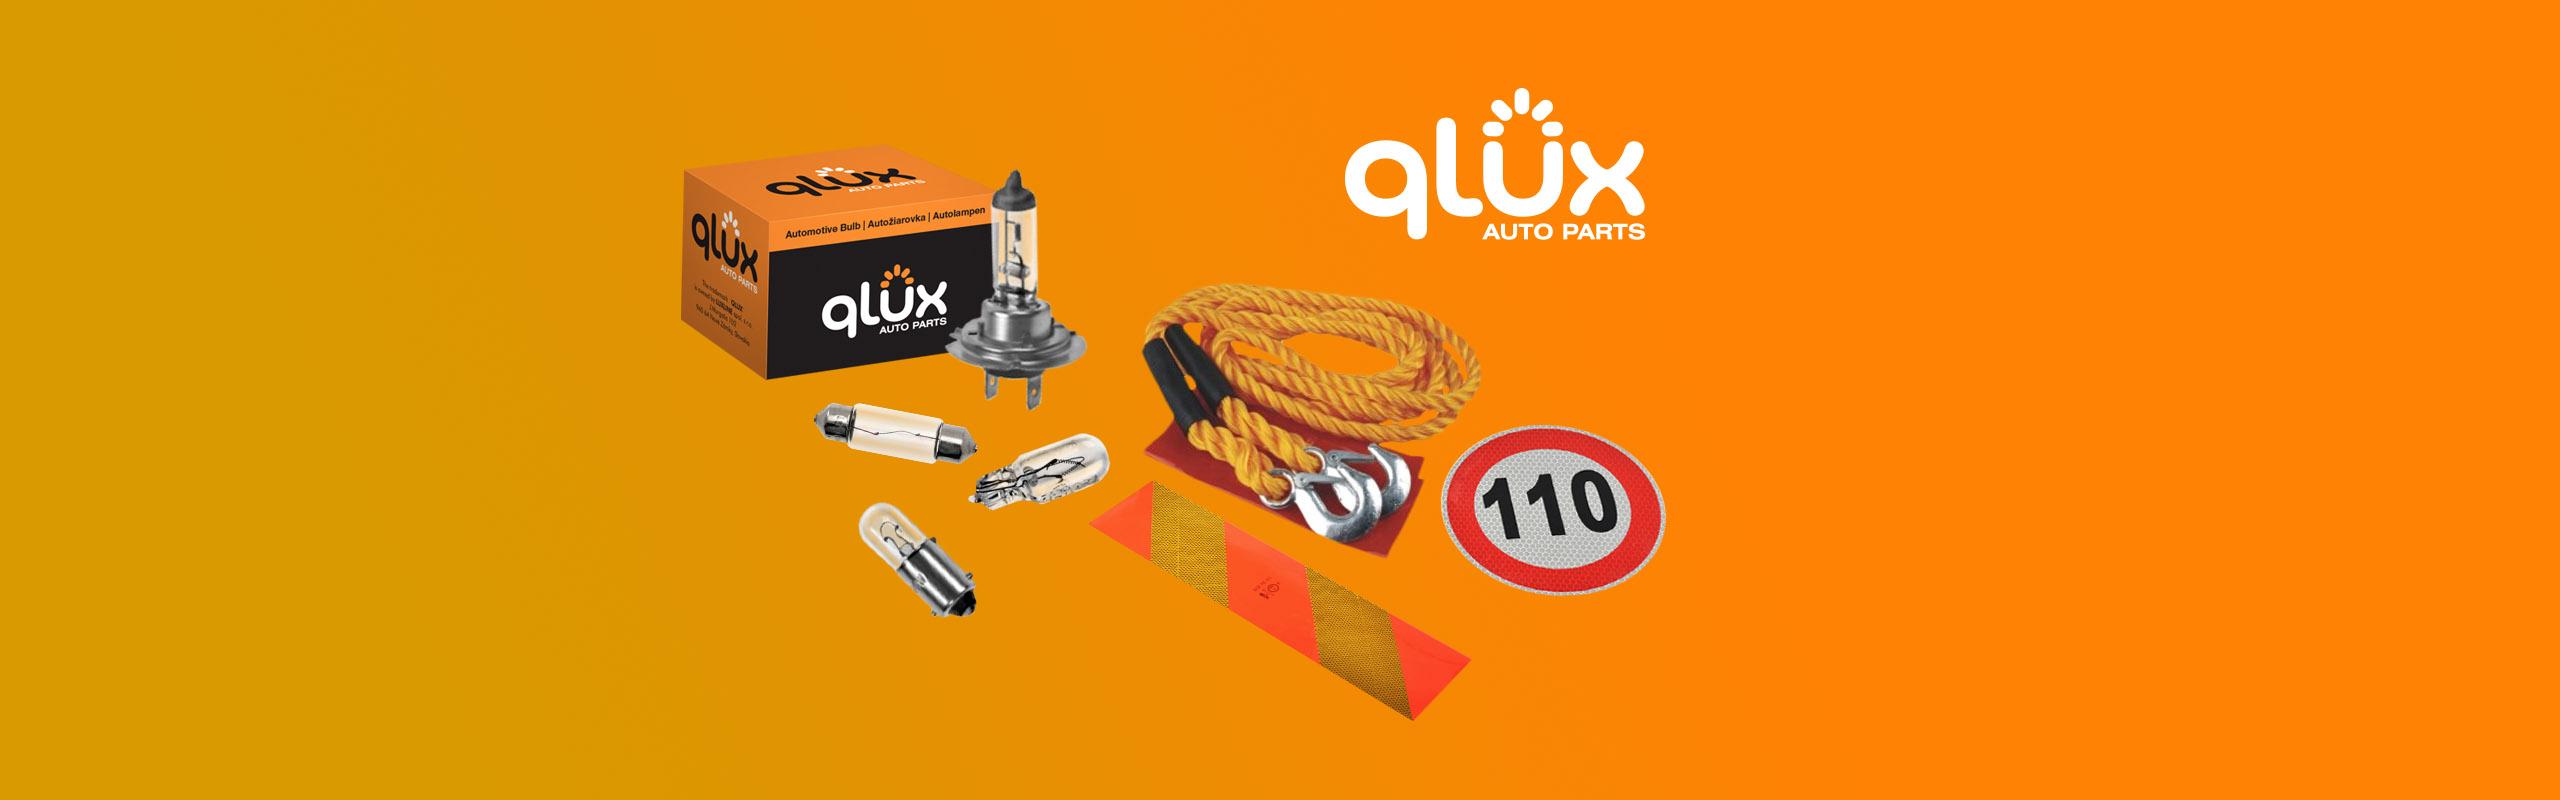 QLUX-slider-new